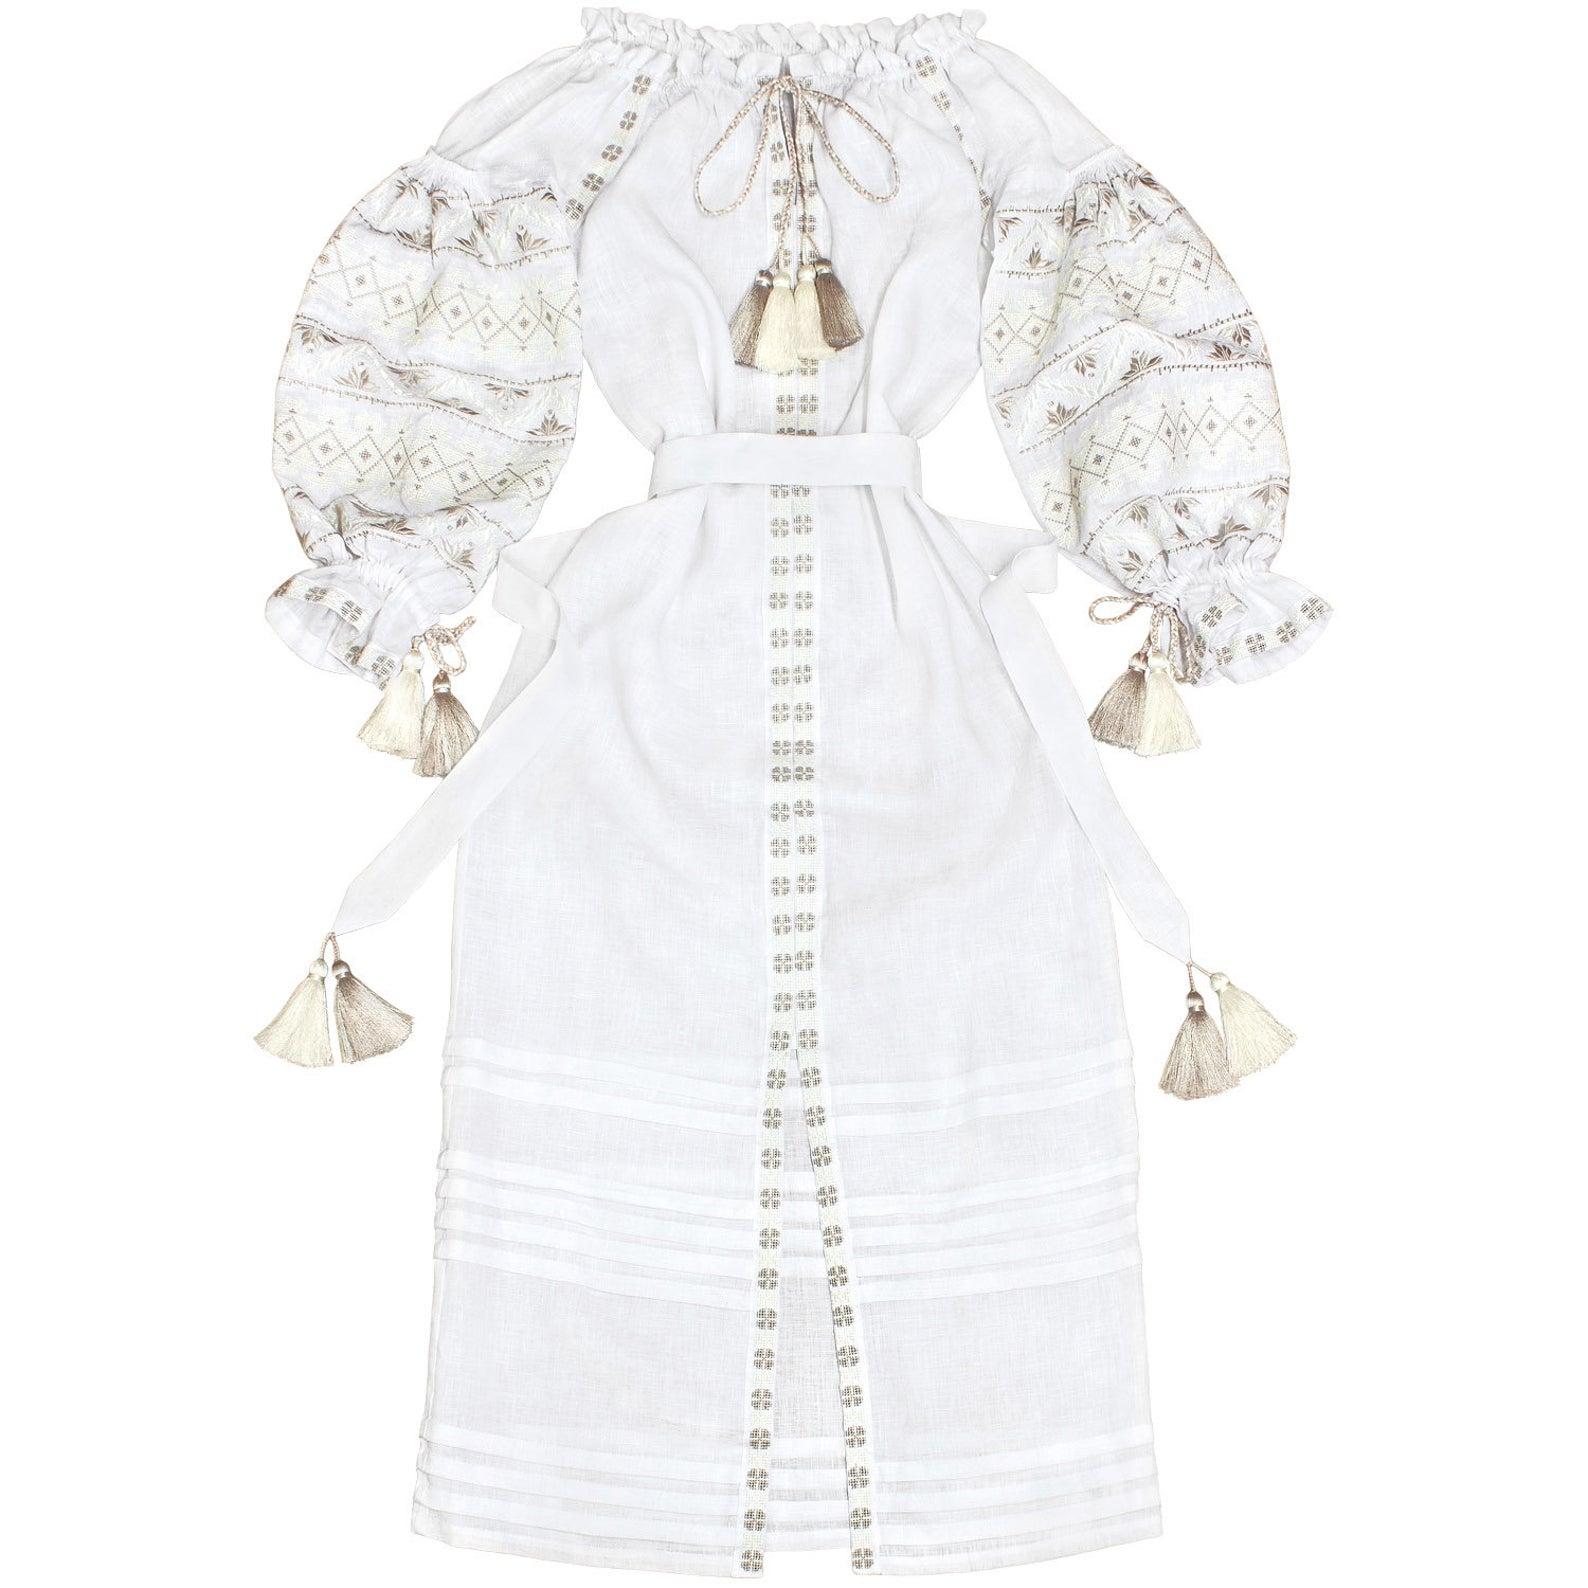 hvite kjoler 2